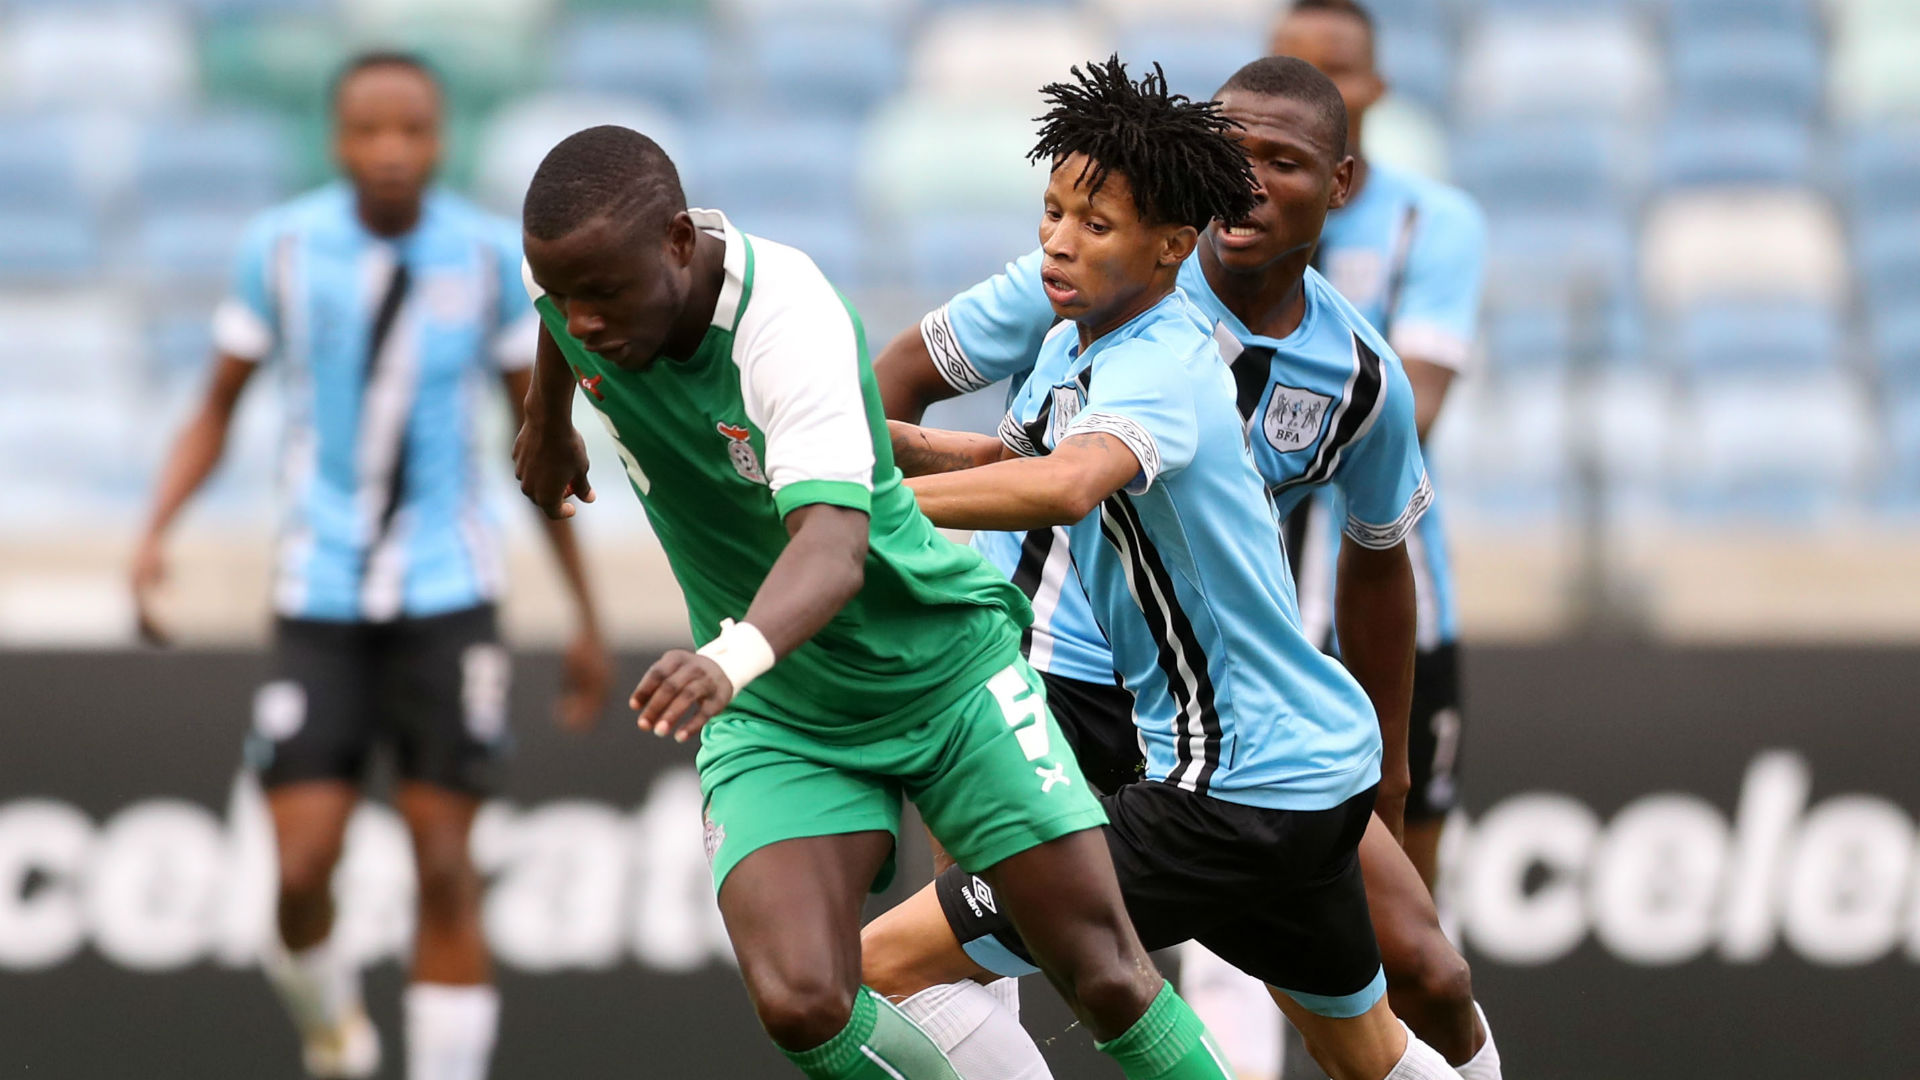 Lazarous Kambole of Zambia challenged by Mothusi Cooper of Botswana - June 2019